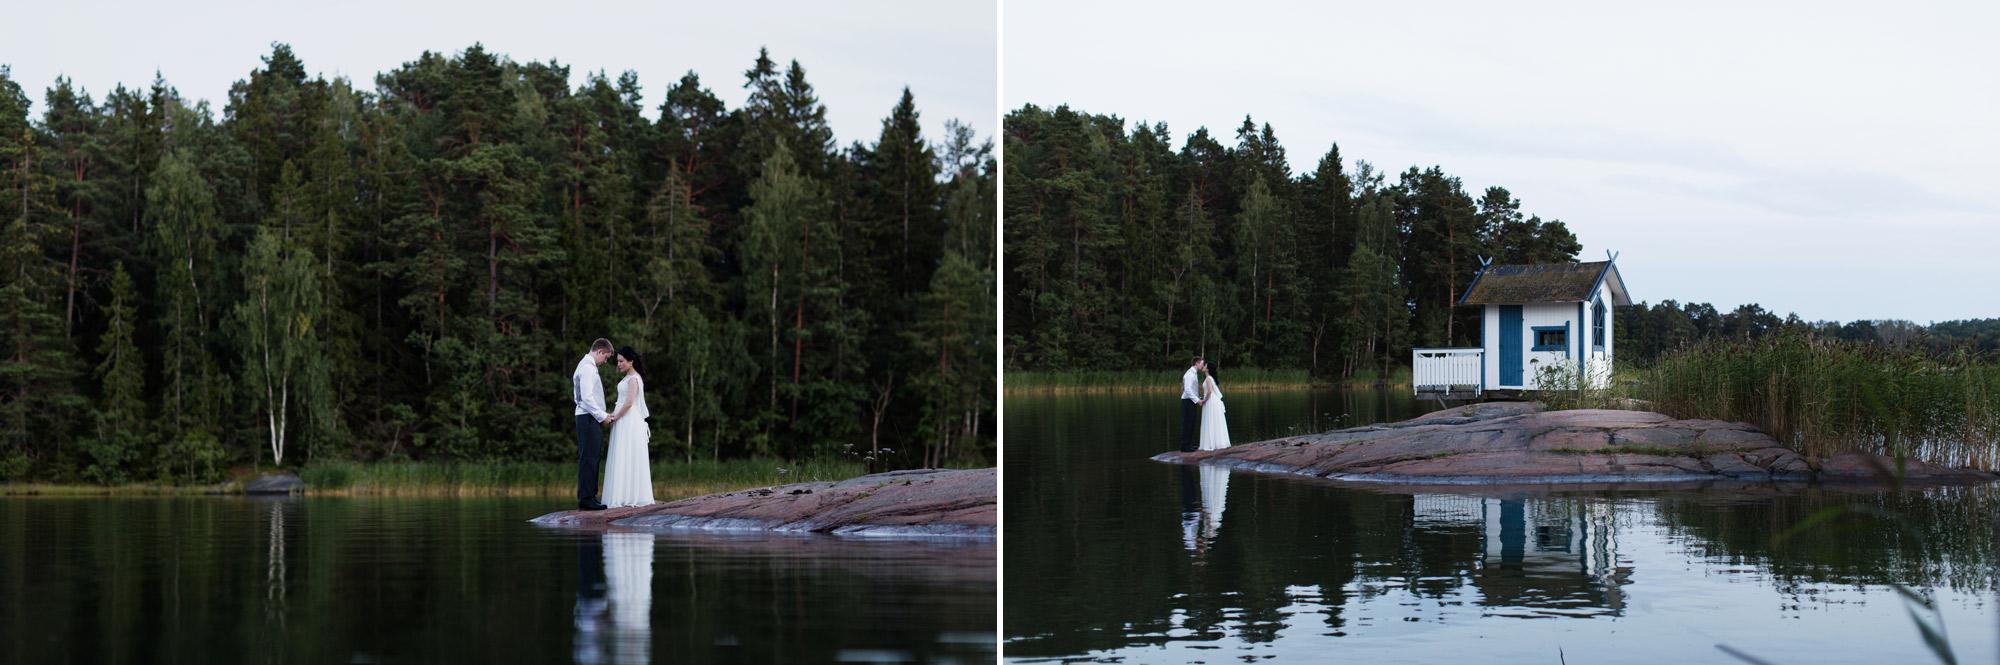 stamningsfulla brollopsbilder Marholmen